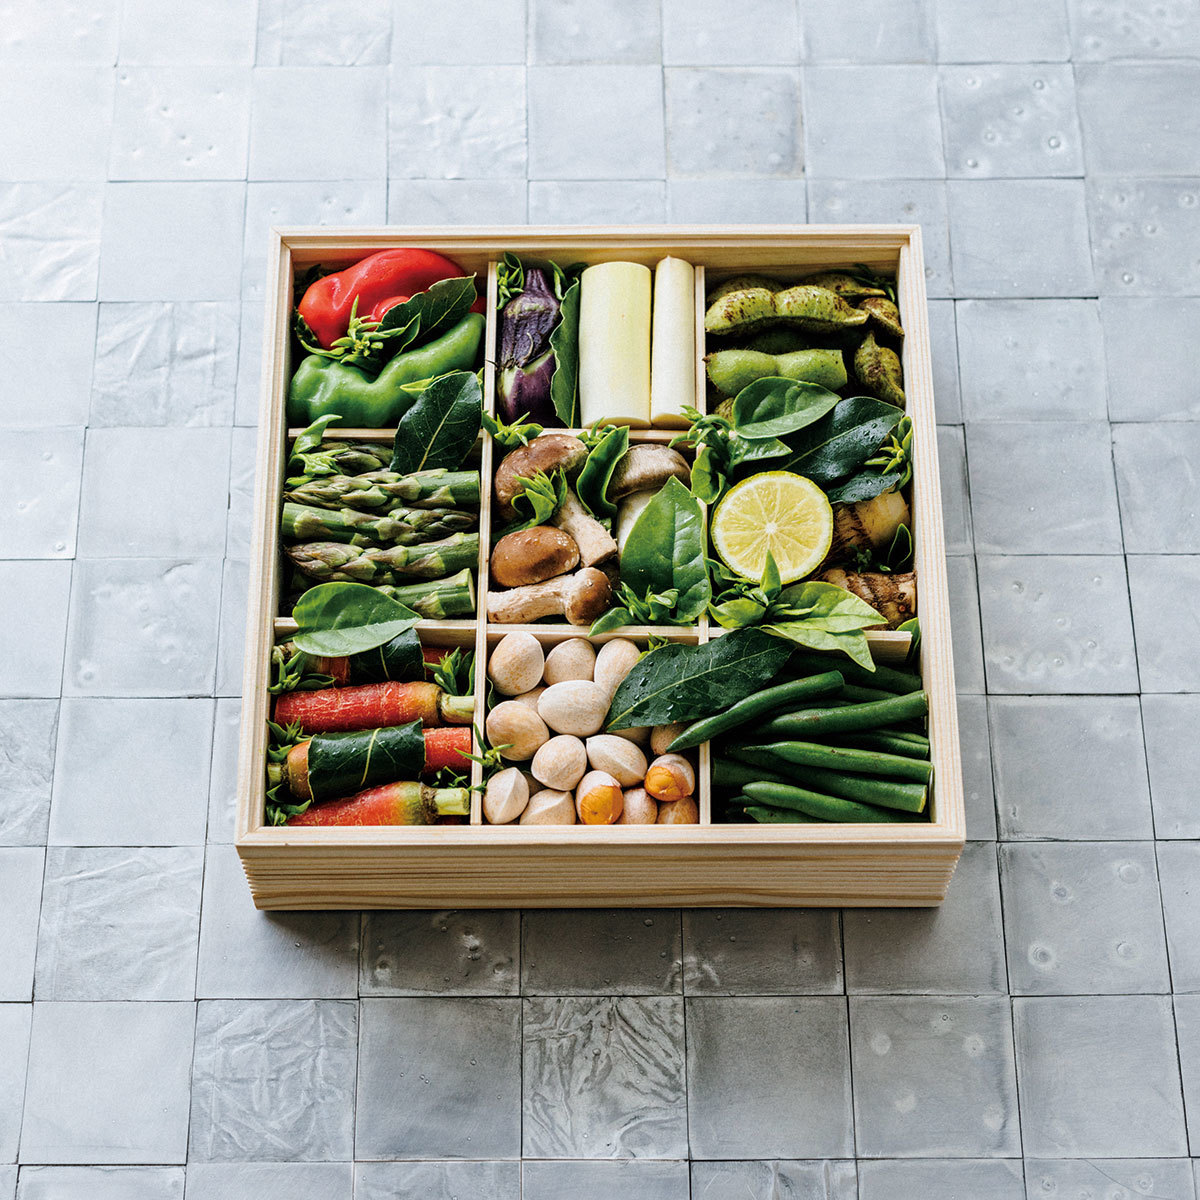 「ロジャヴェルデ」の京の野菜重